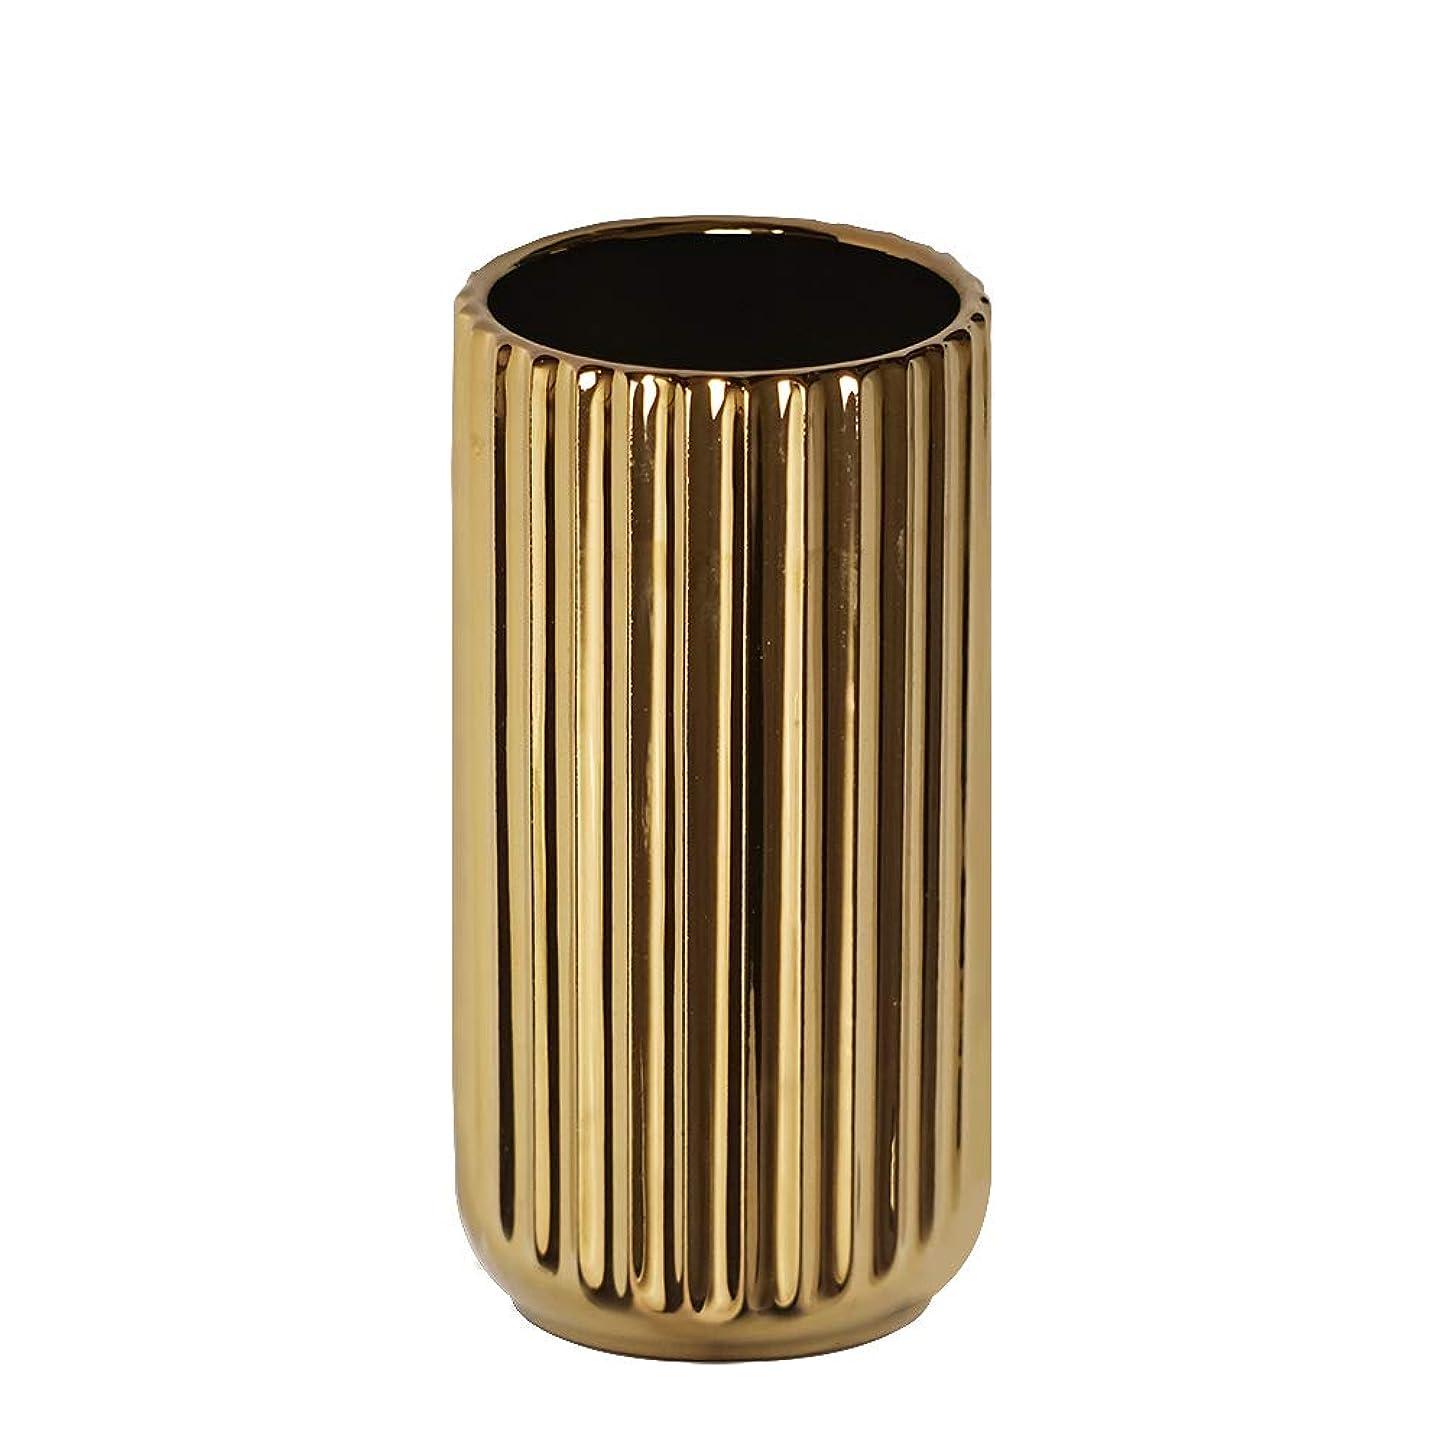 水差し故障等価ゴールド フラワーベース おしゃれ花器花瓶陶器 生け花 置物 花